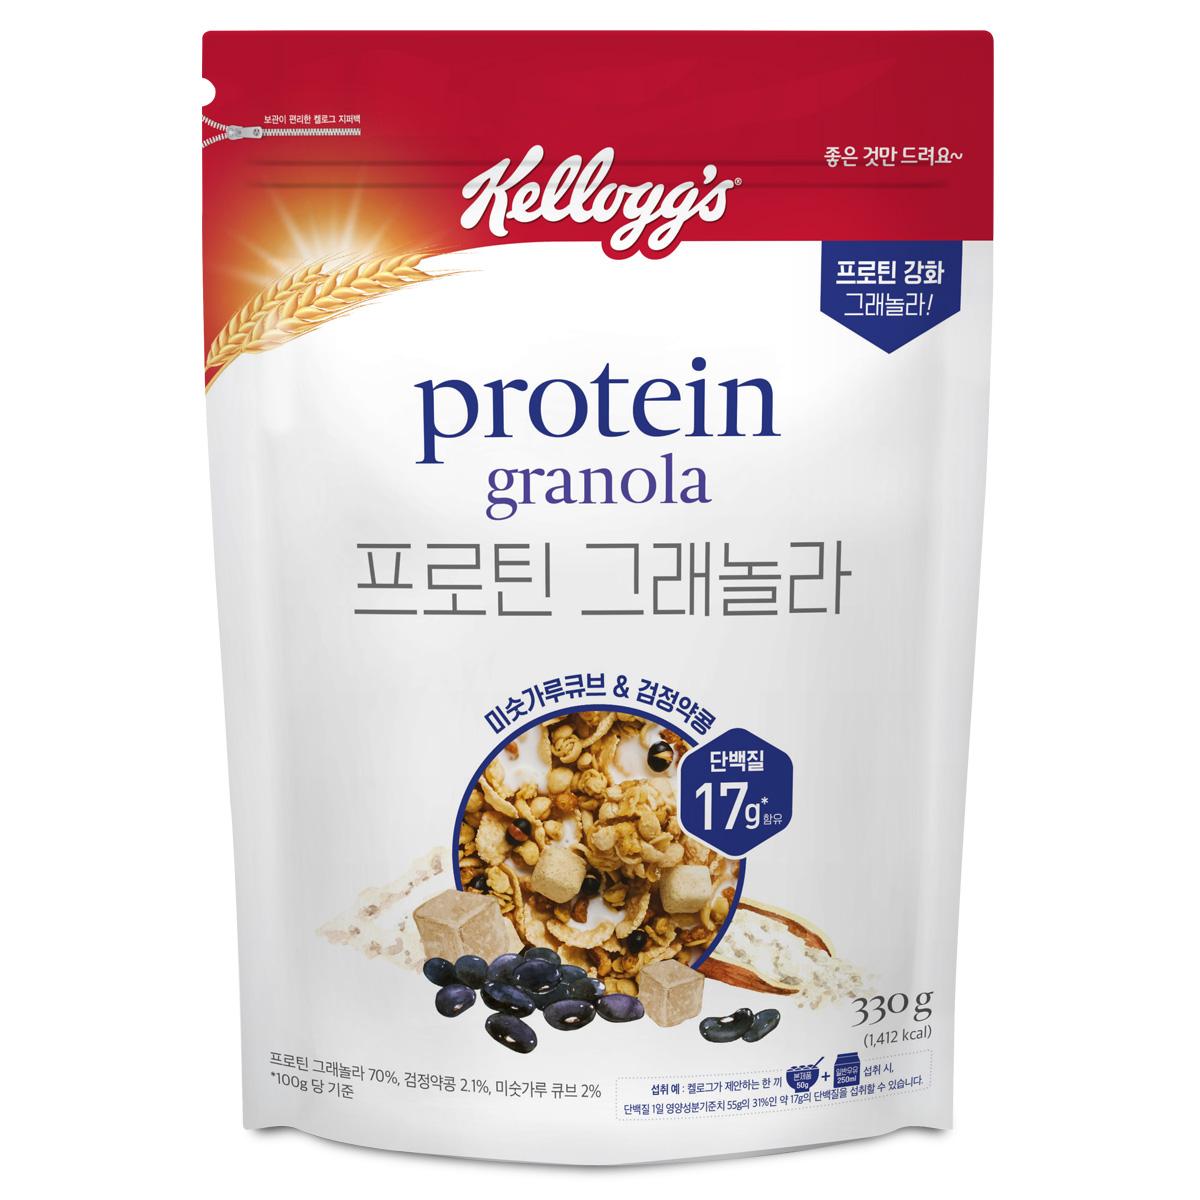 켈로그 프로틴그래놀라 미숫가루앤검정약콩, 330g, 1개